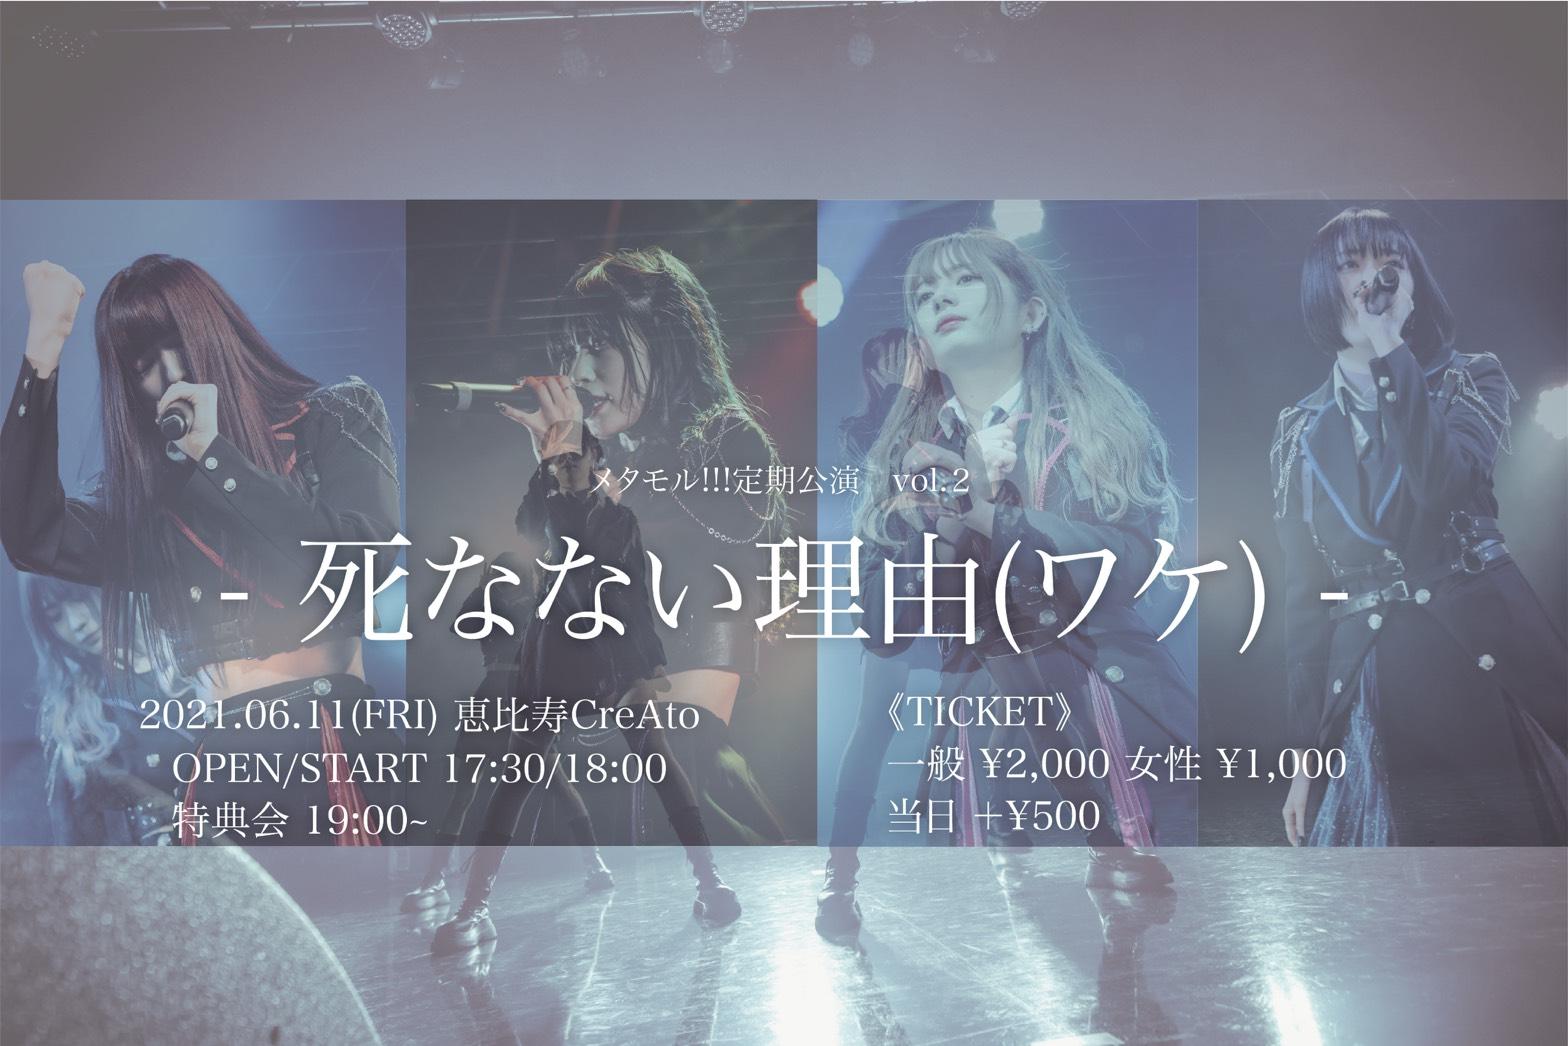 メタモル!!! 定期公演 vol.2『-死なない理由(ワケ)-』